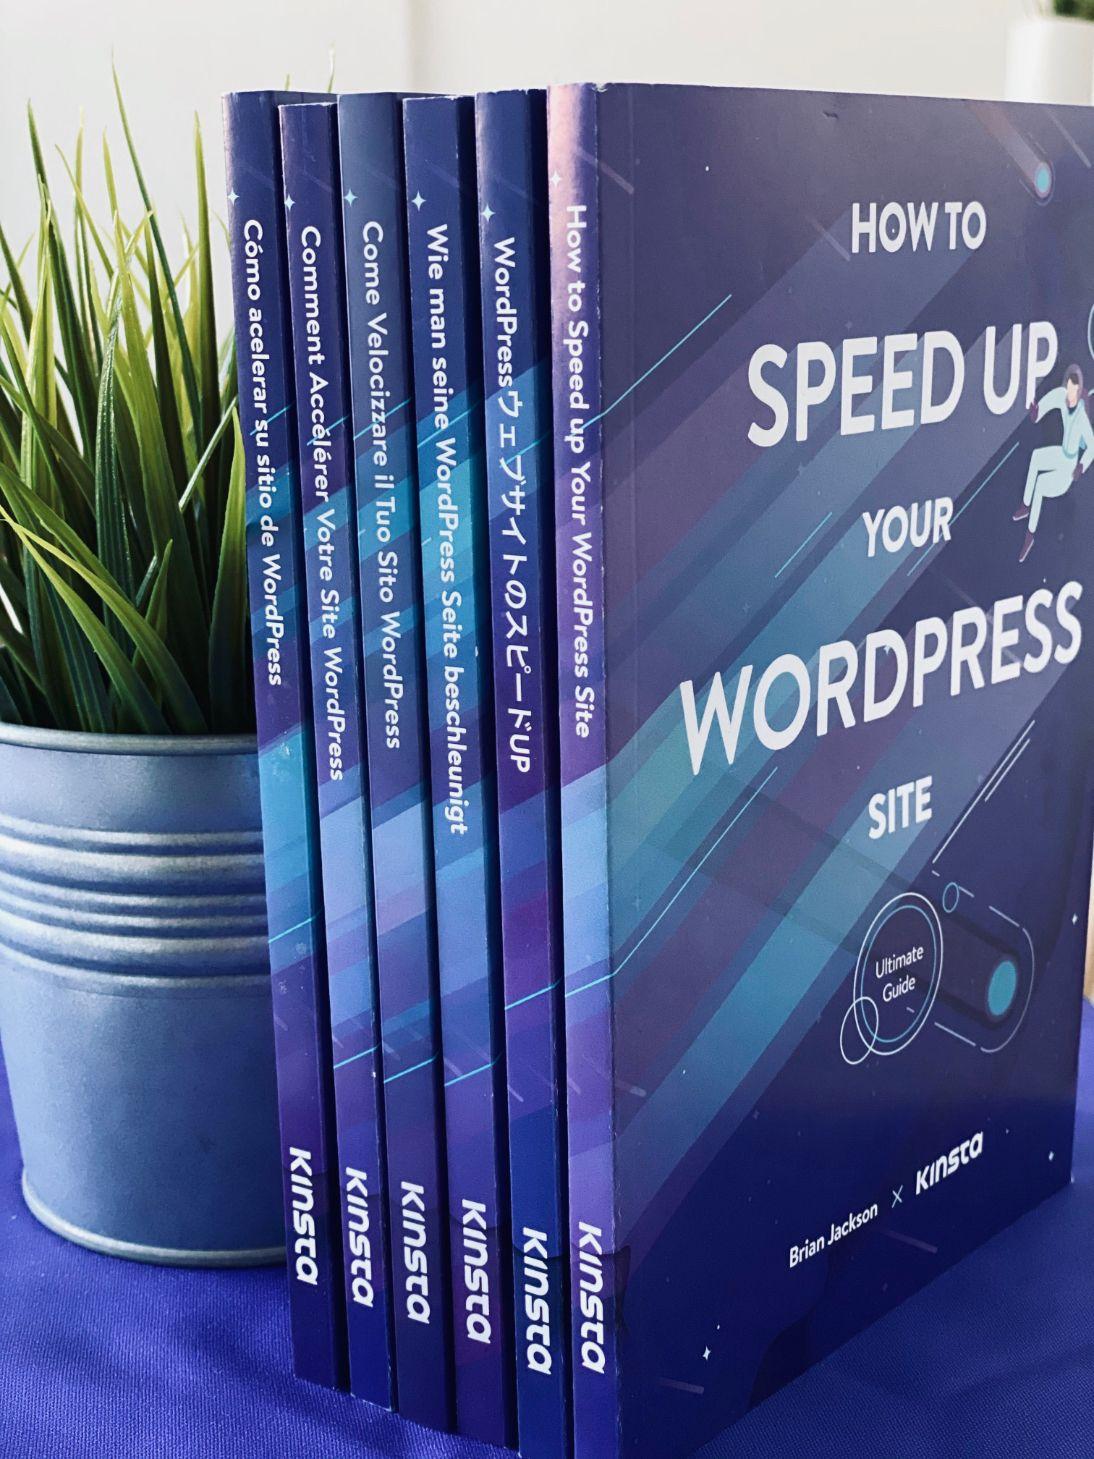 Kinsta Snabba upp WordPress-böcker